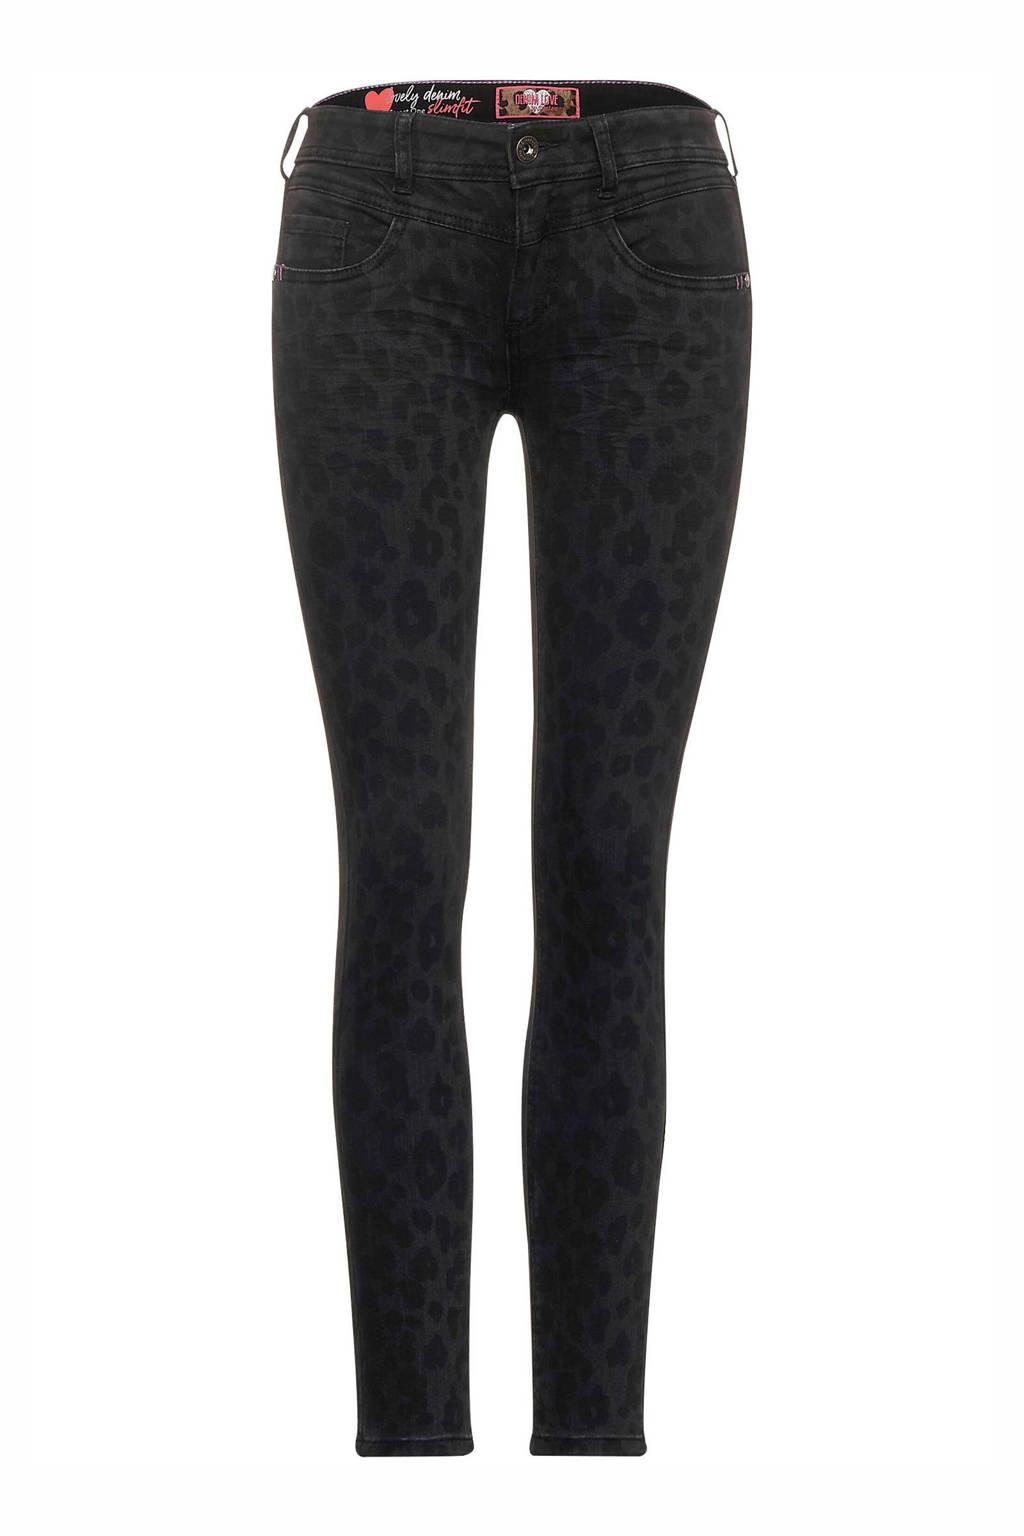 Street One skinny broek York met panterprint antraciet/zwart, Antraciet/zwart